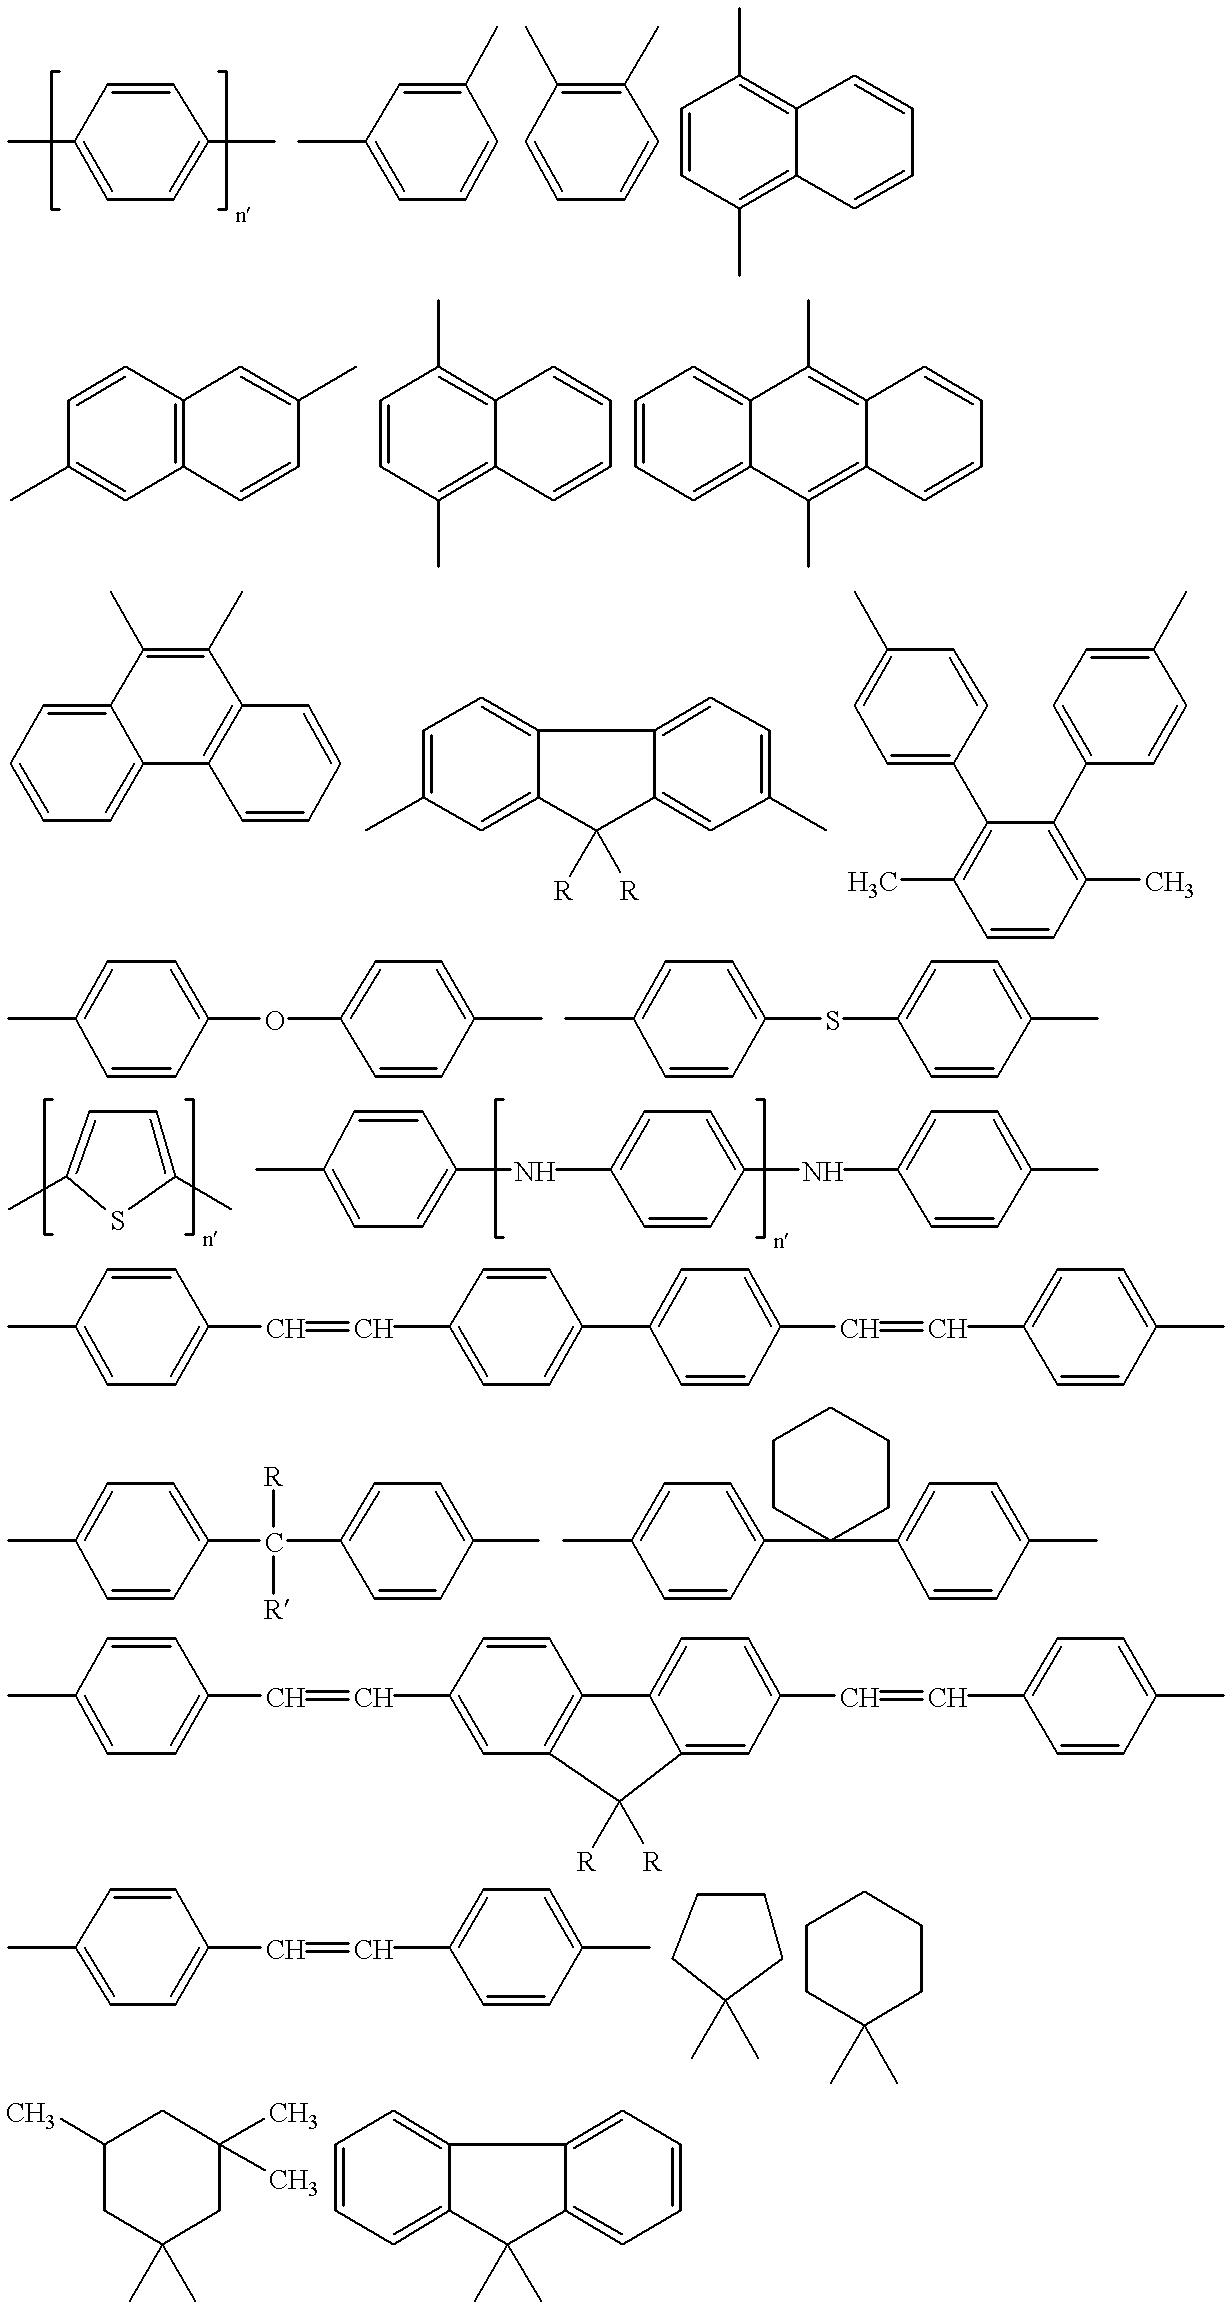 Figure US06289196-20010911-C00013